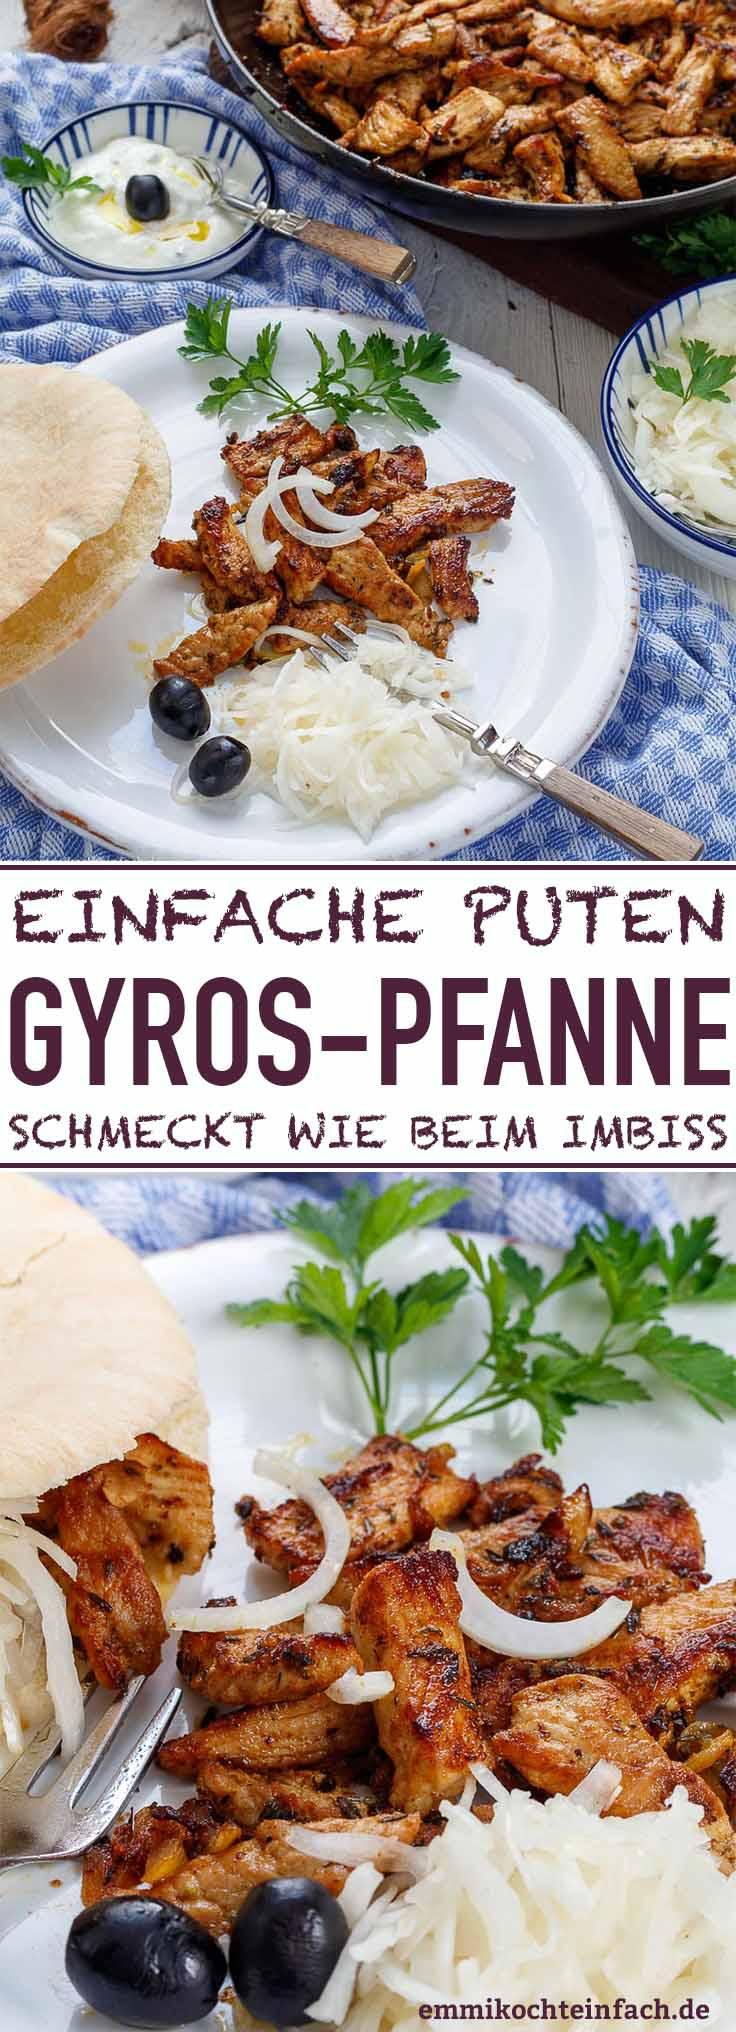 Einfach selbst gemacht - schmeckt wie beim Imbiss - www.emmikochteinfach.de